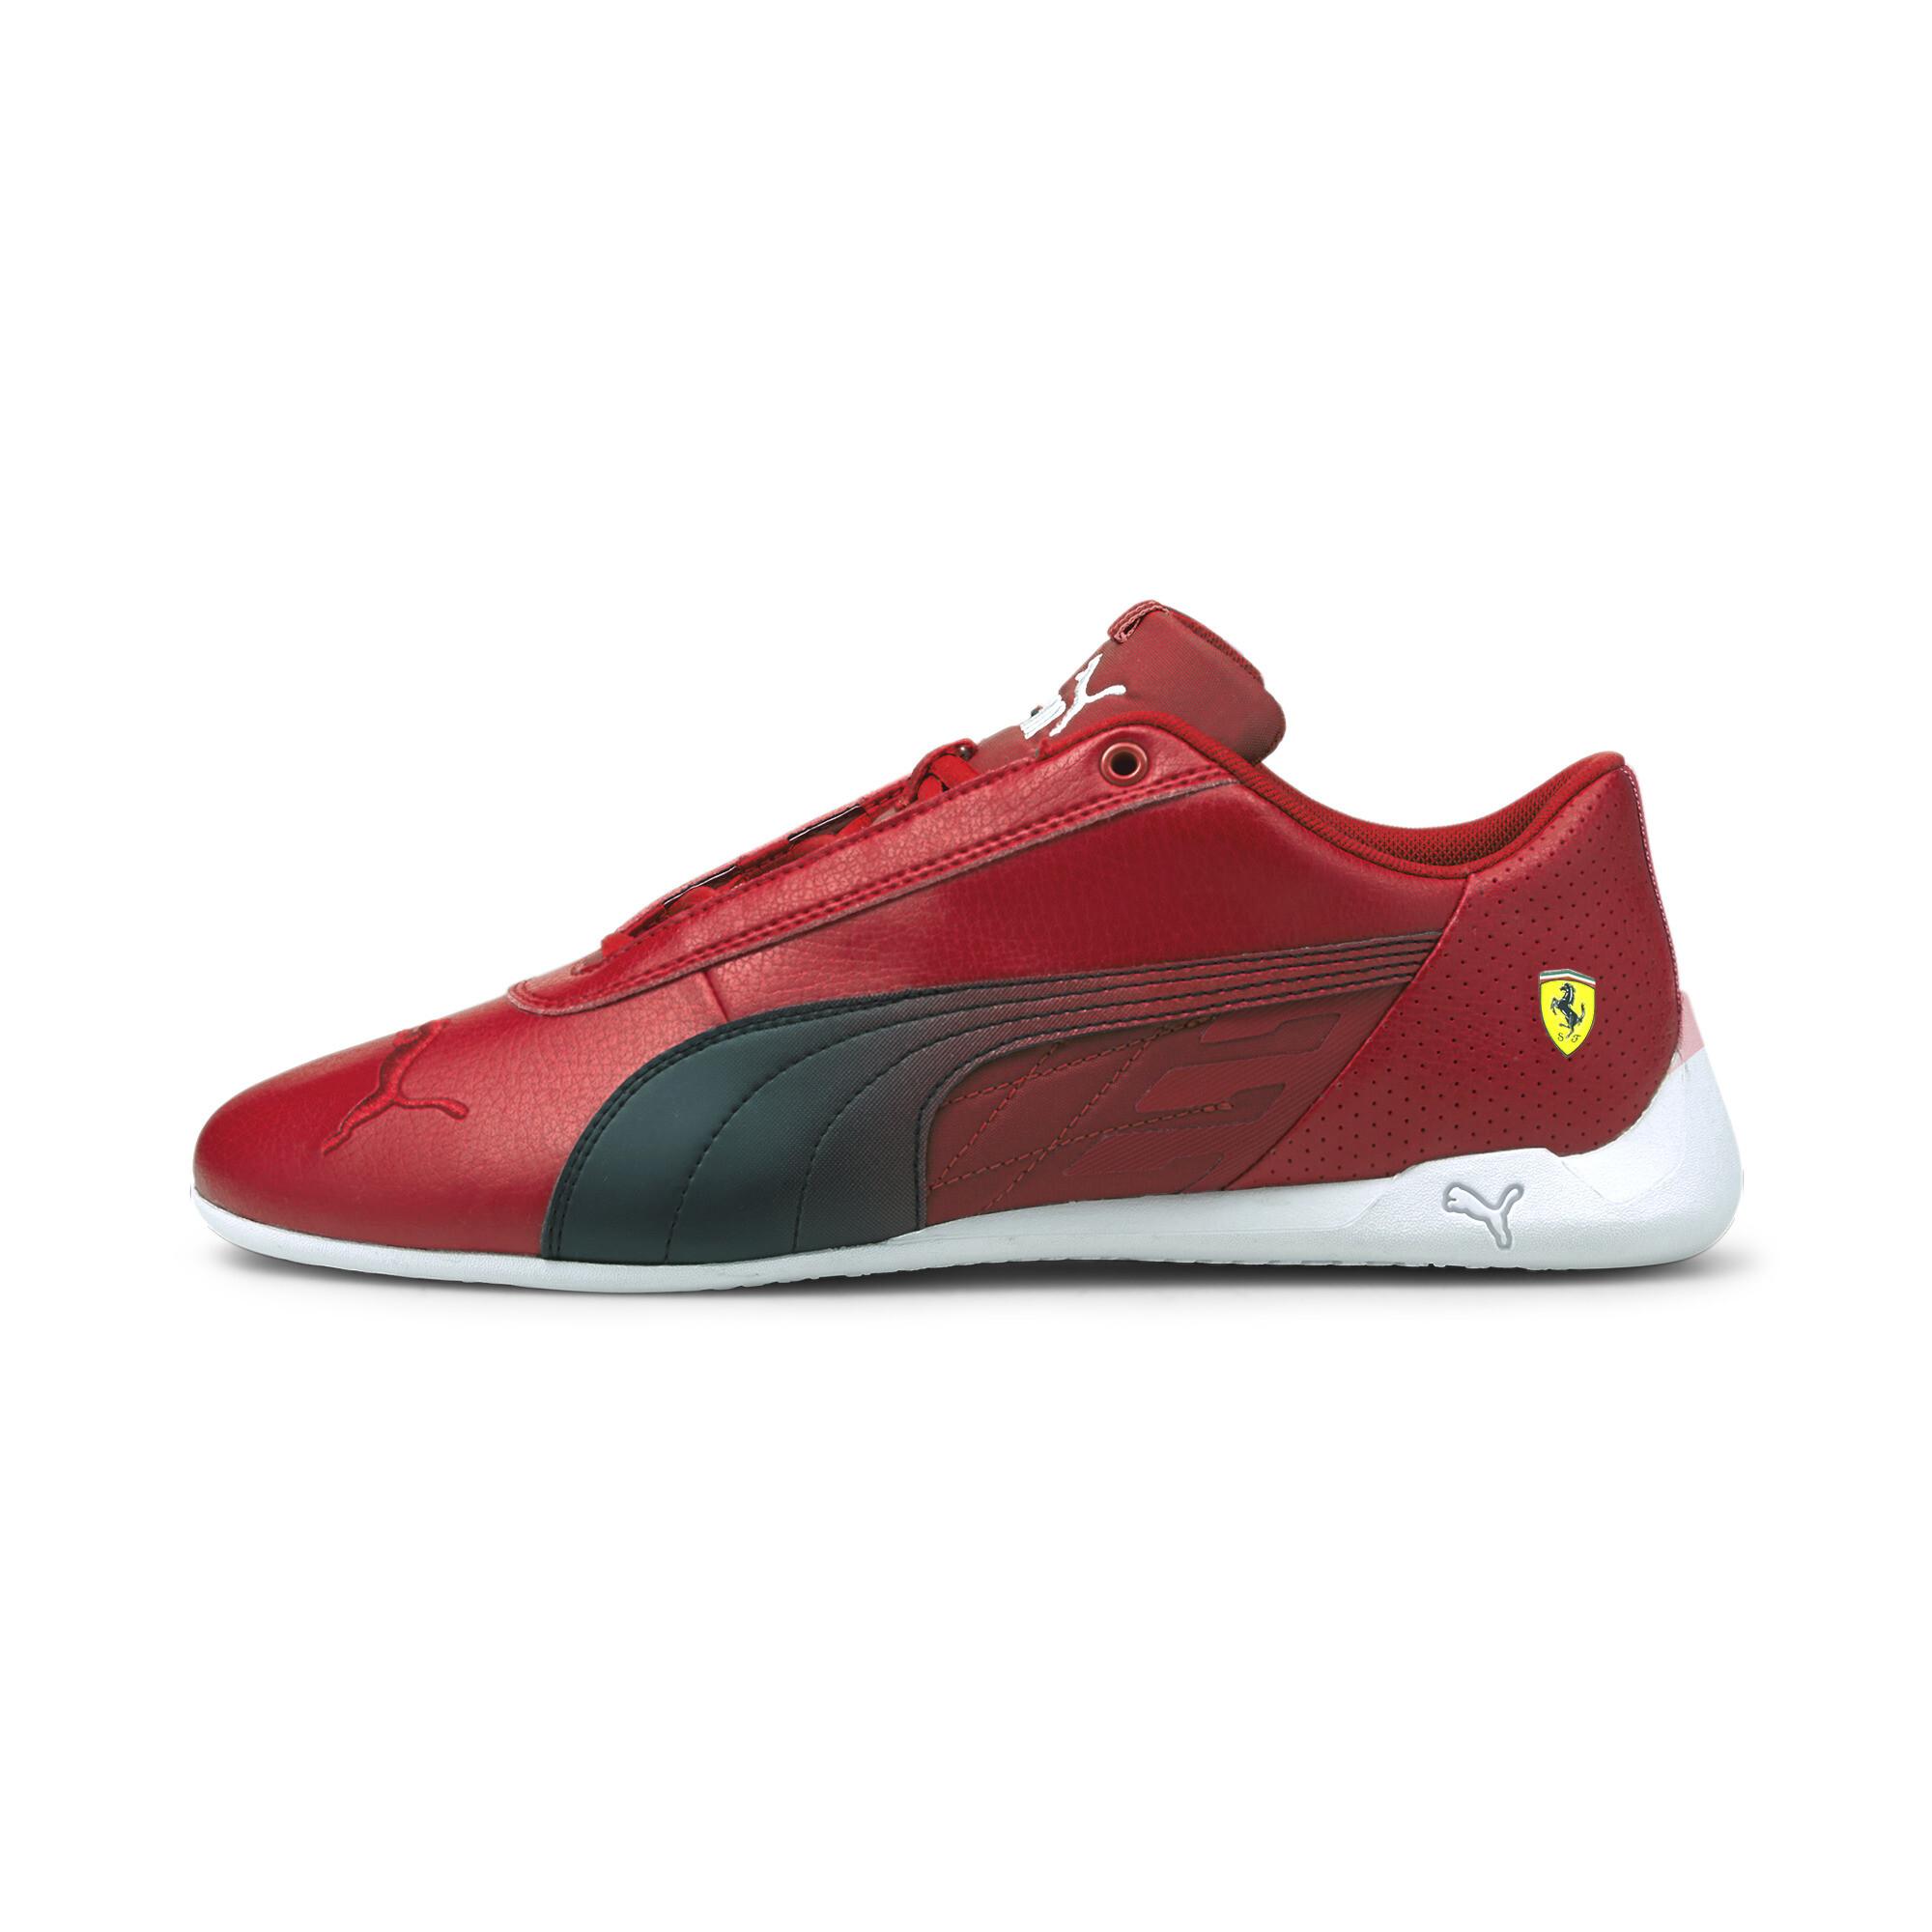 thumbnail 14 - PUMA Men's Scuderia Ferrari R-Cat Motorsport Shoes